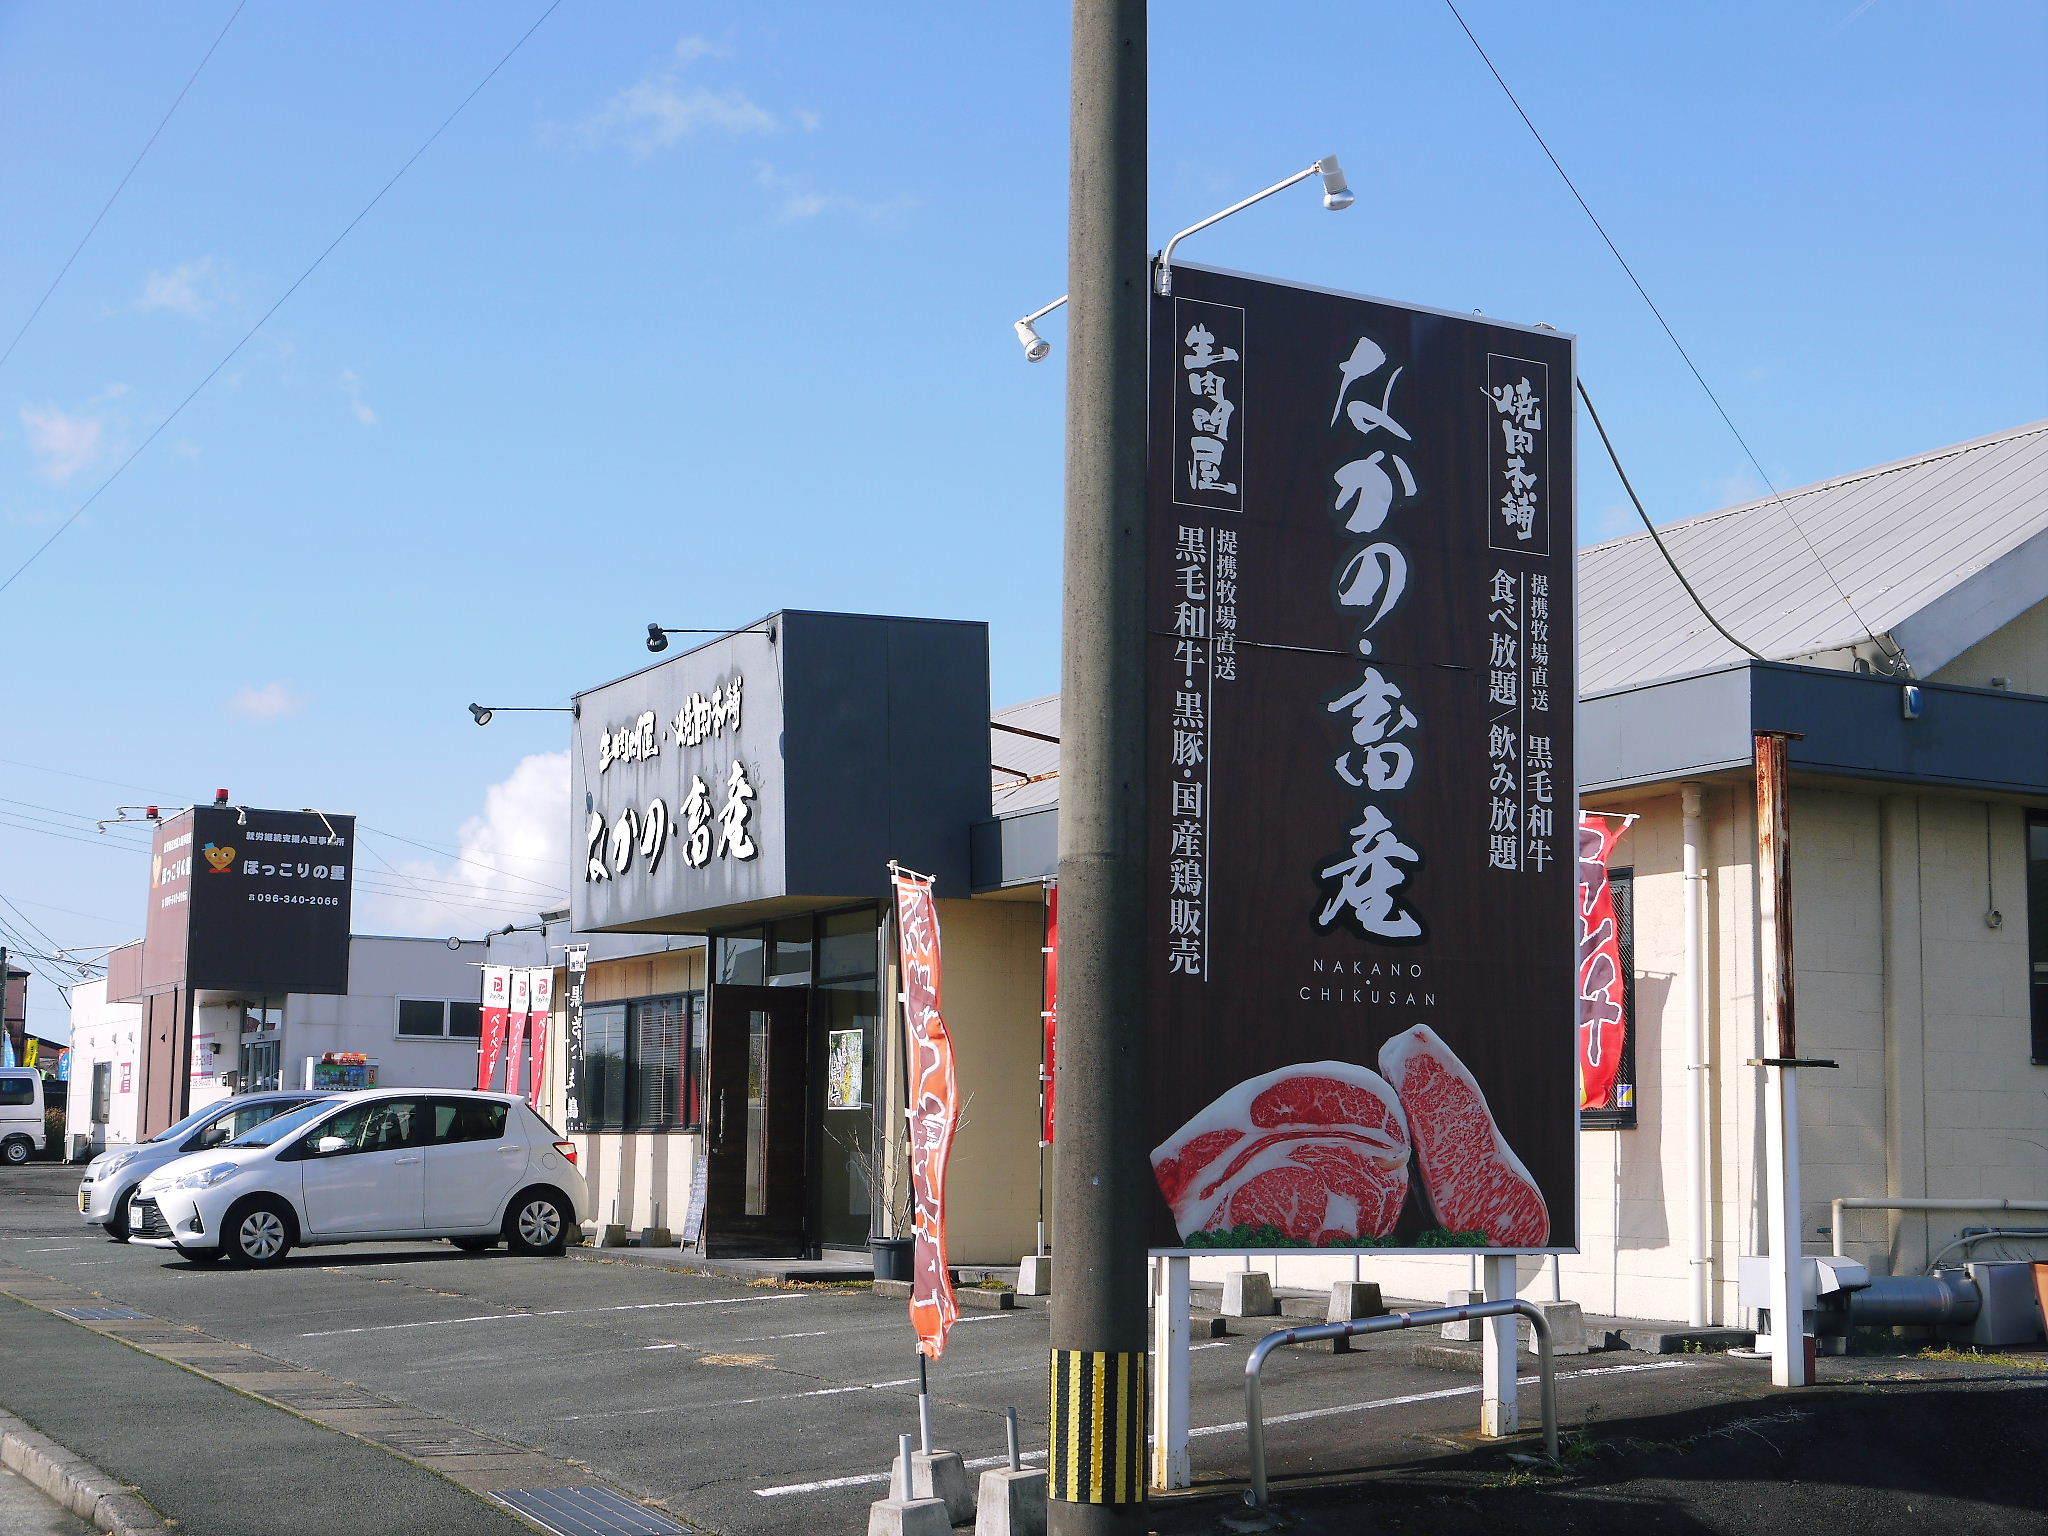 熊本県産の黒毛和牛を100%のハンバーグステーキ!今月は10月21日に出荷します!数量限定販売です!_a0254656_19455215.jpg